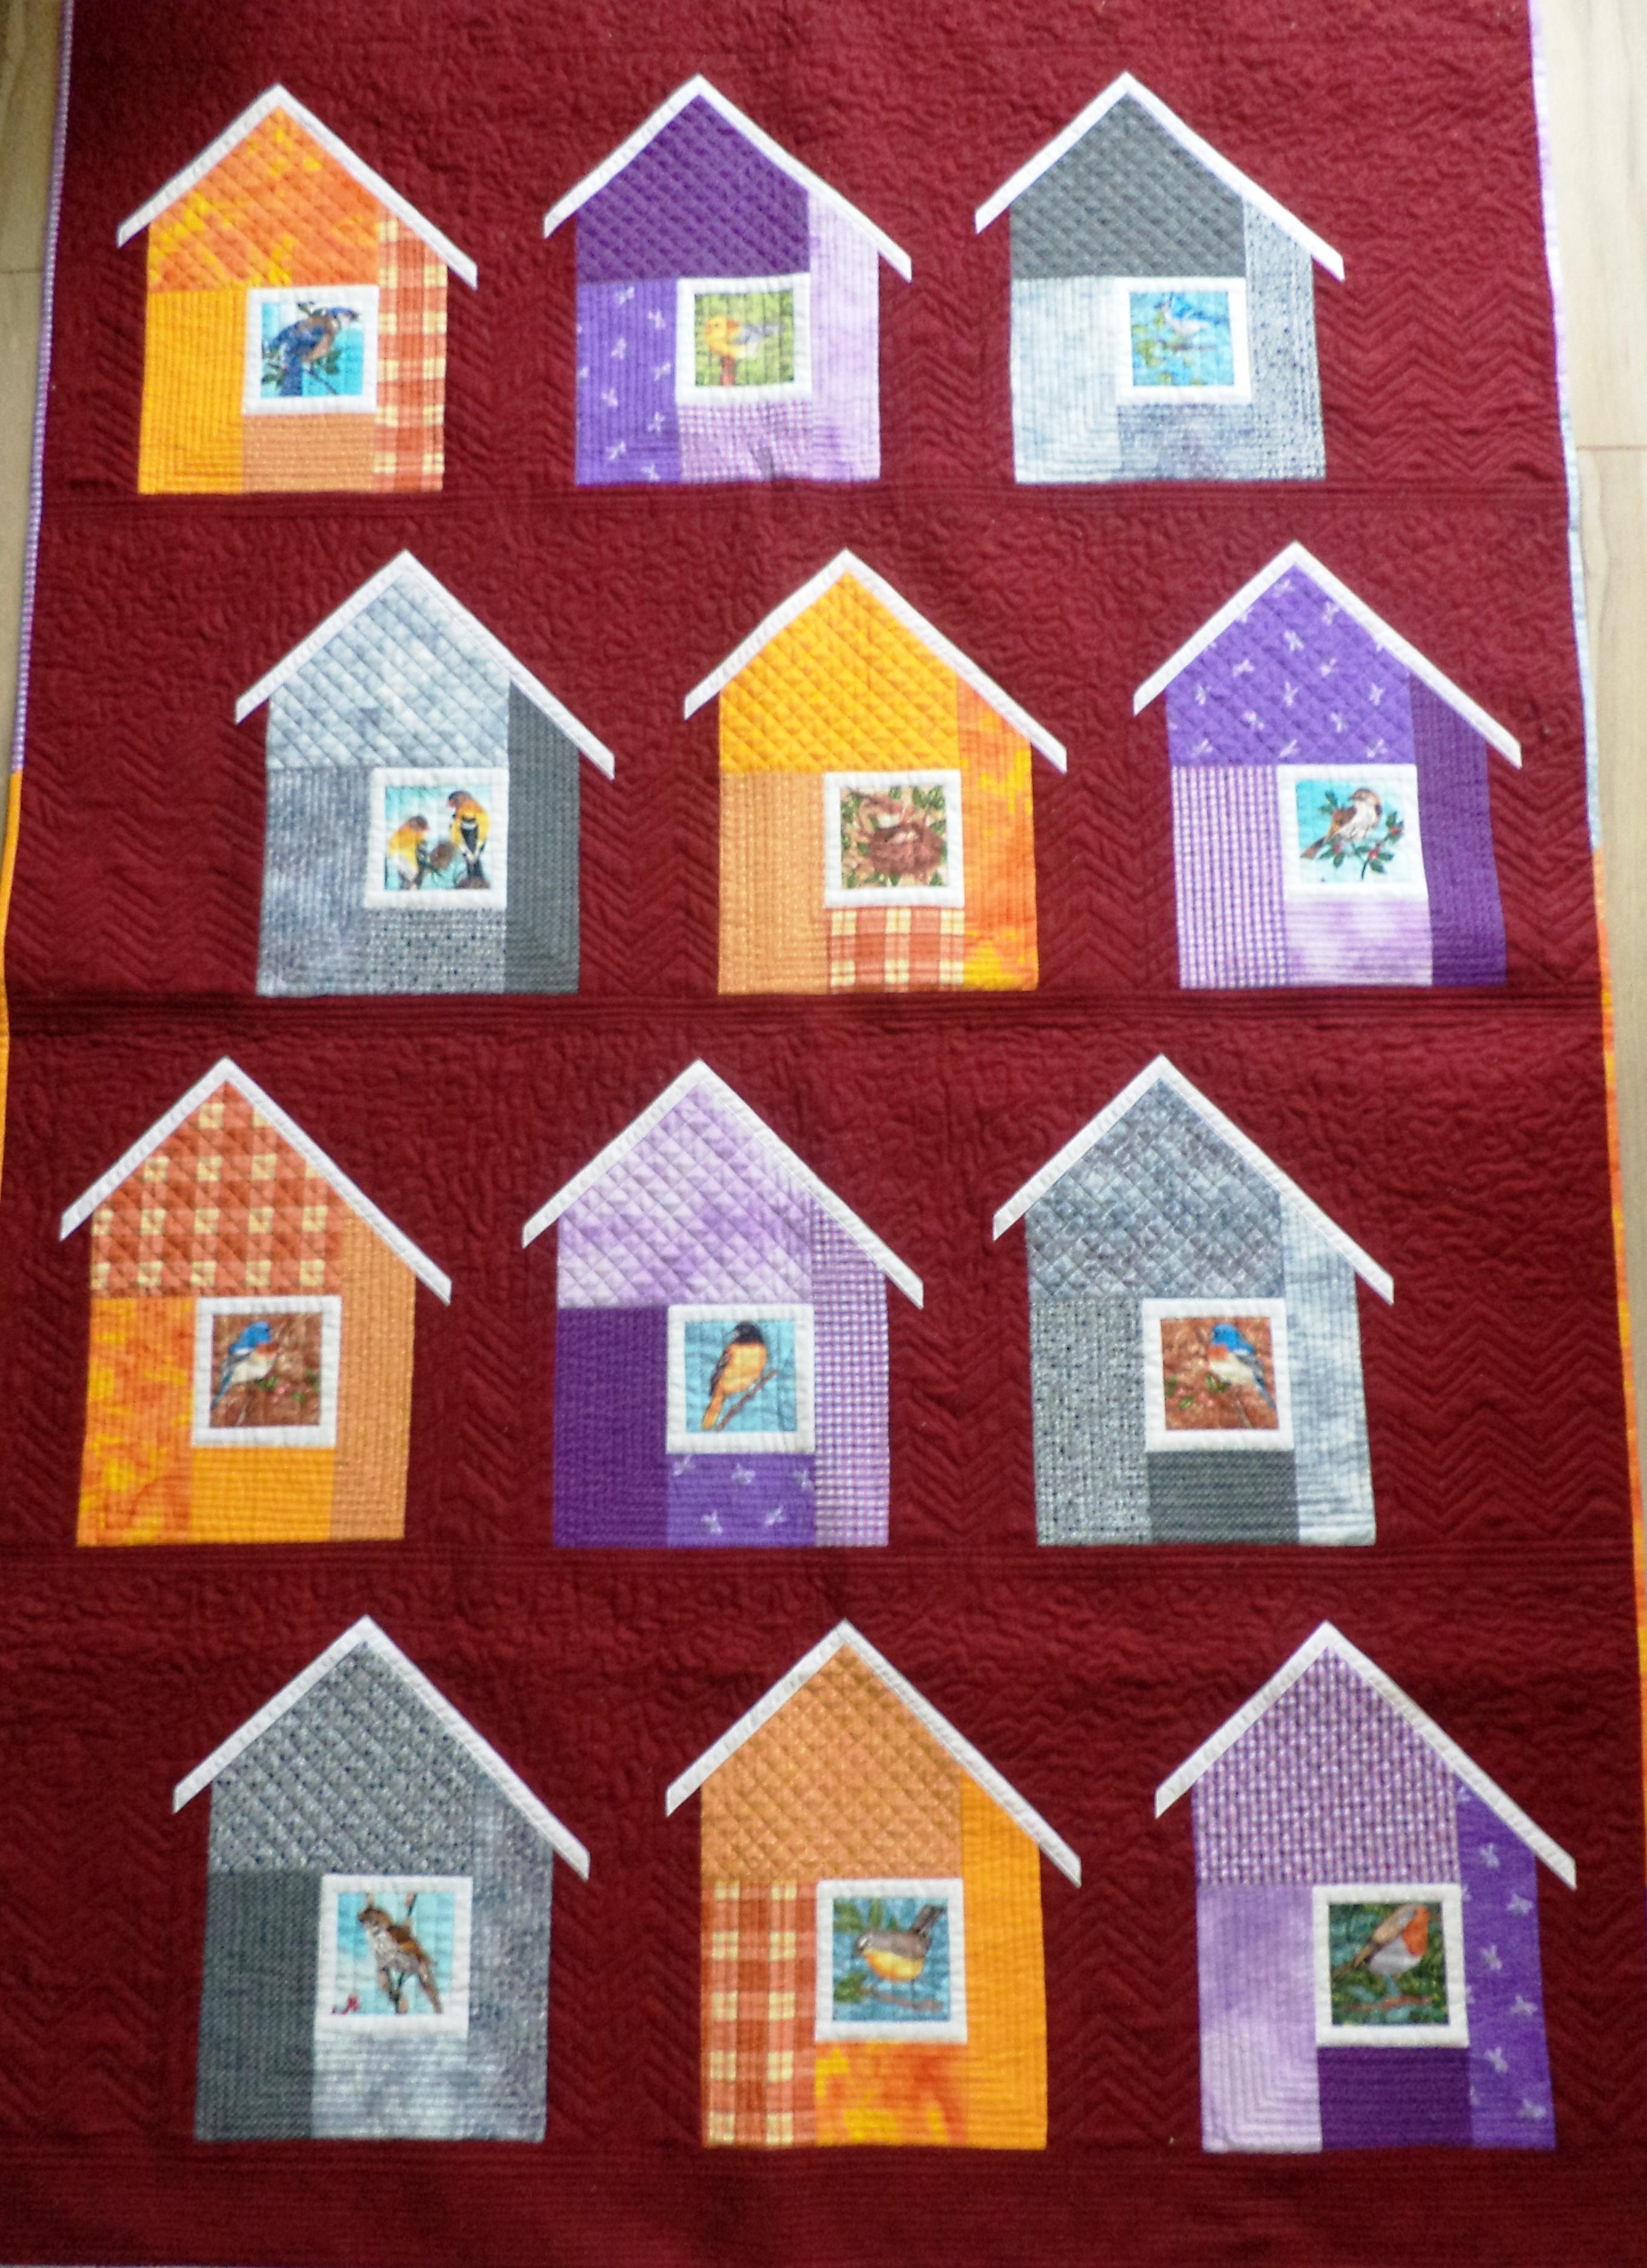 Neighbourhood quilt